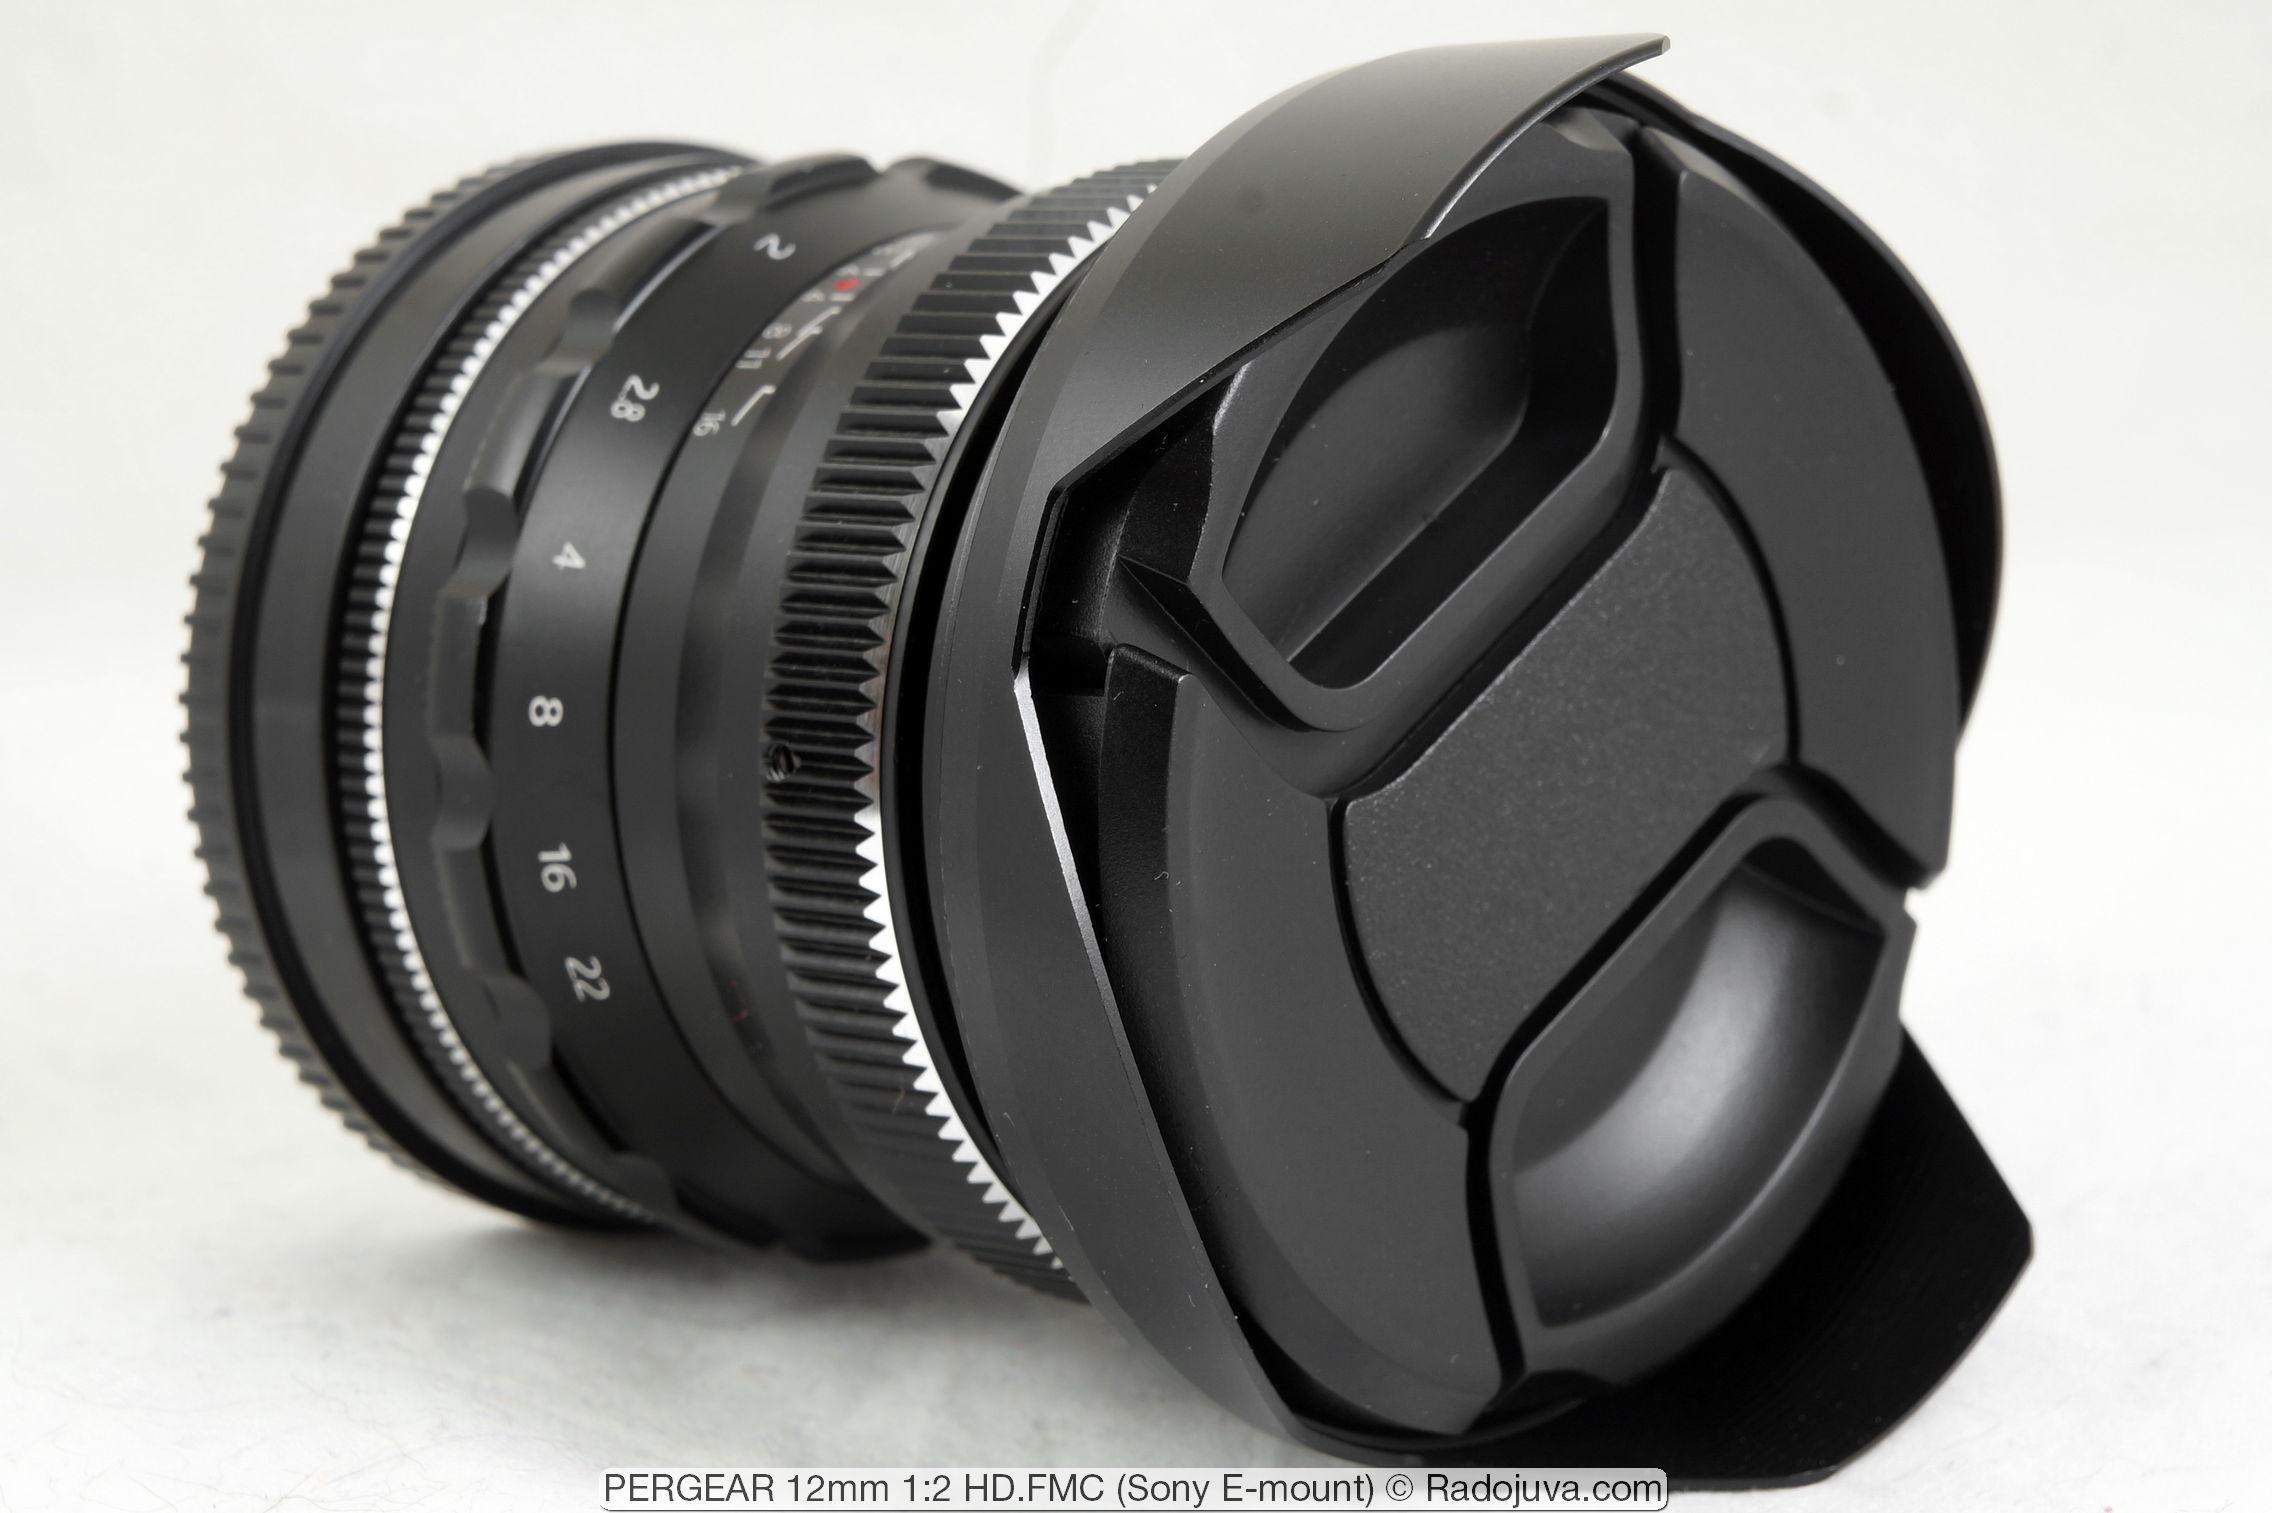 PERGEAR 12mm 1:2 HD.FMC